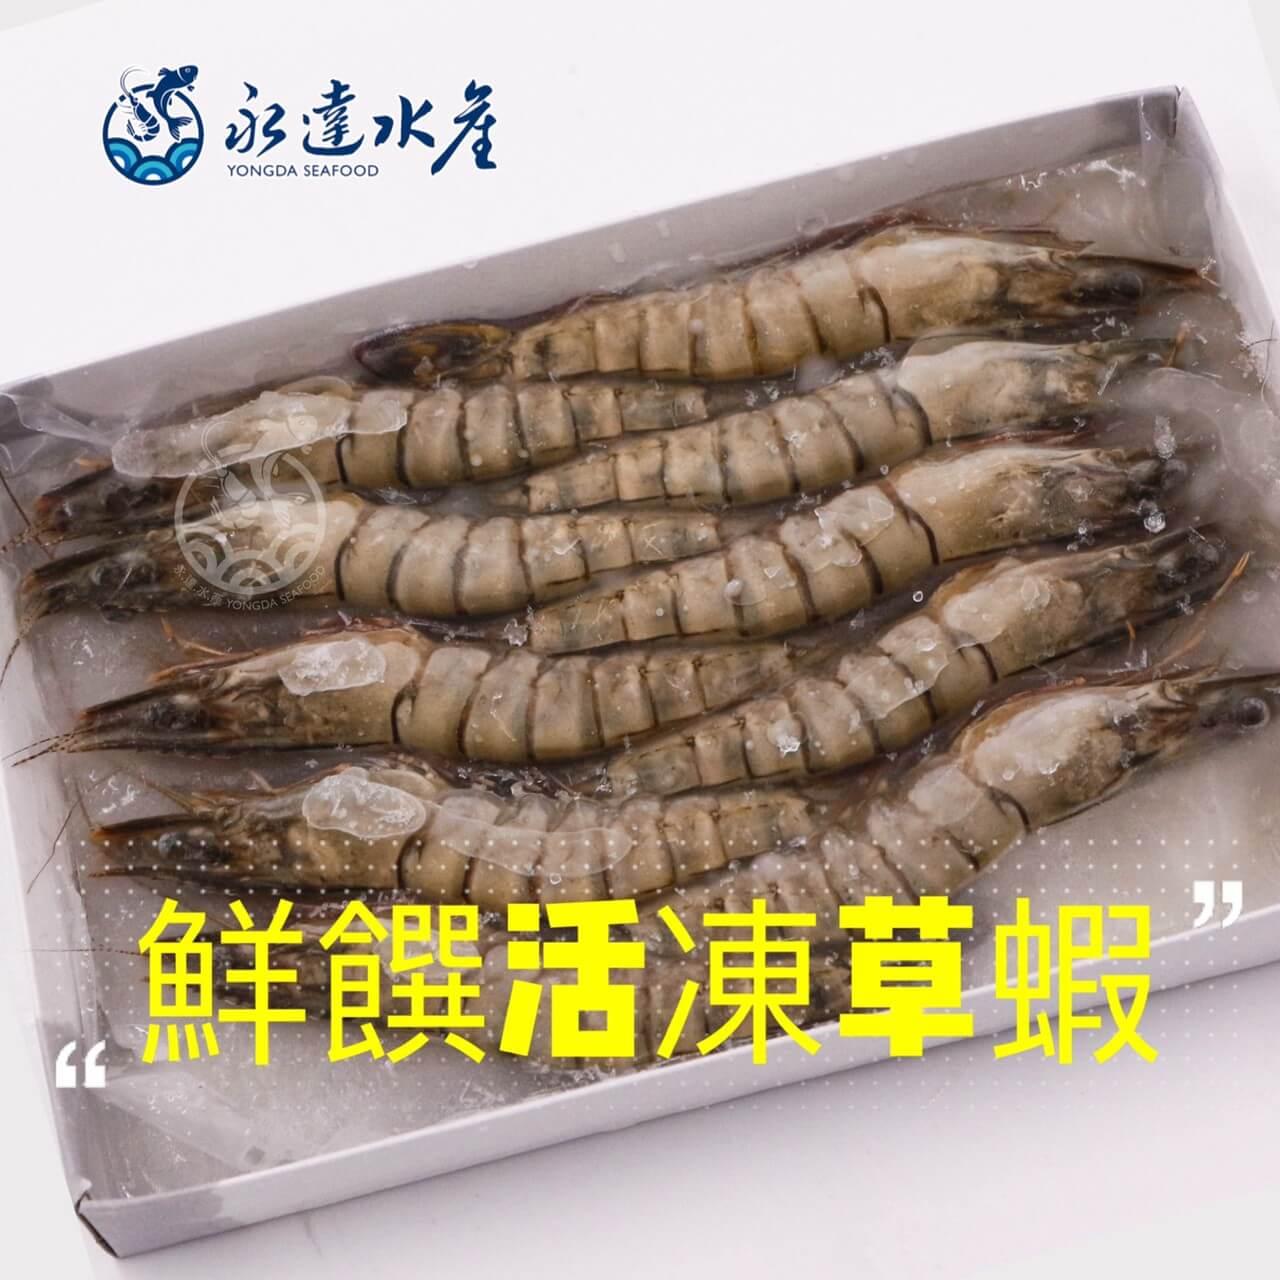 水產|海鮮|鮮饌活凍草蝦|草蝦|黑虎蝦|鬼蝦|蝦肉|蝦